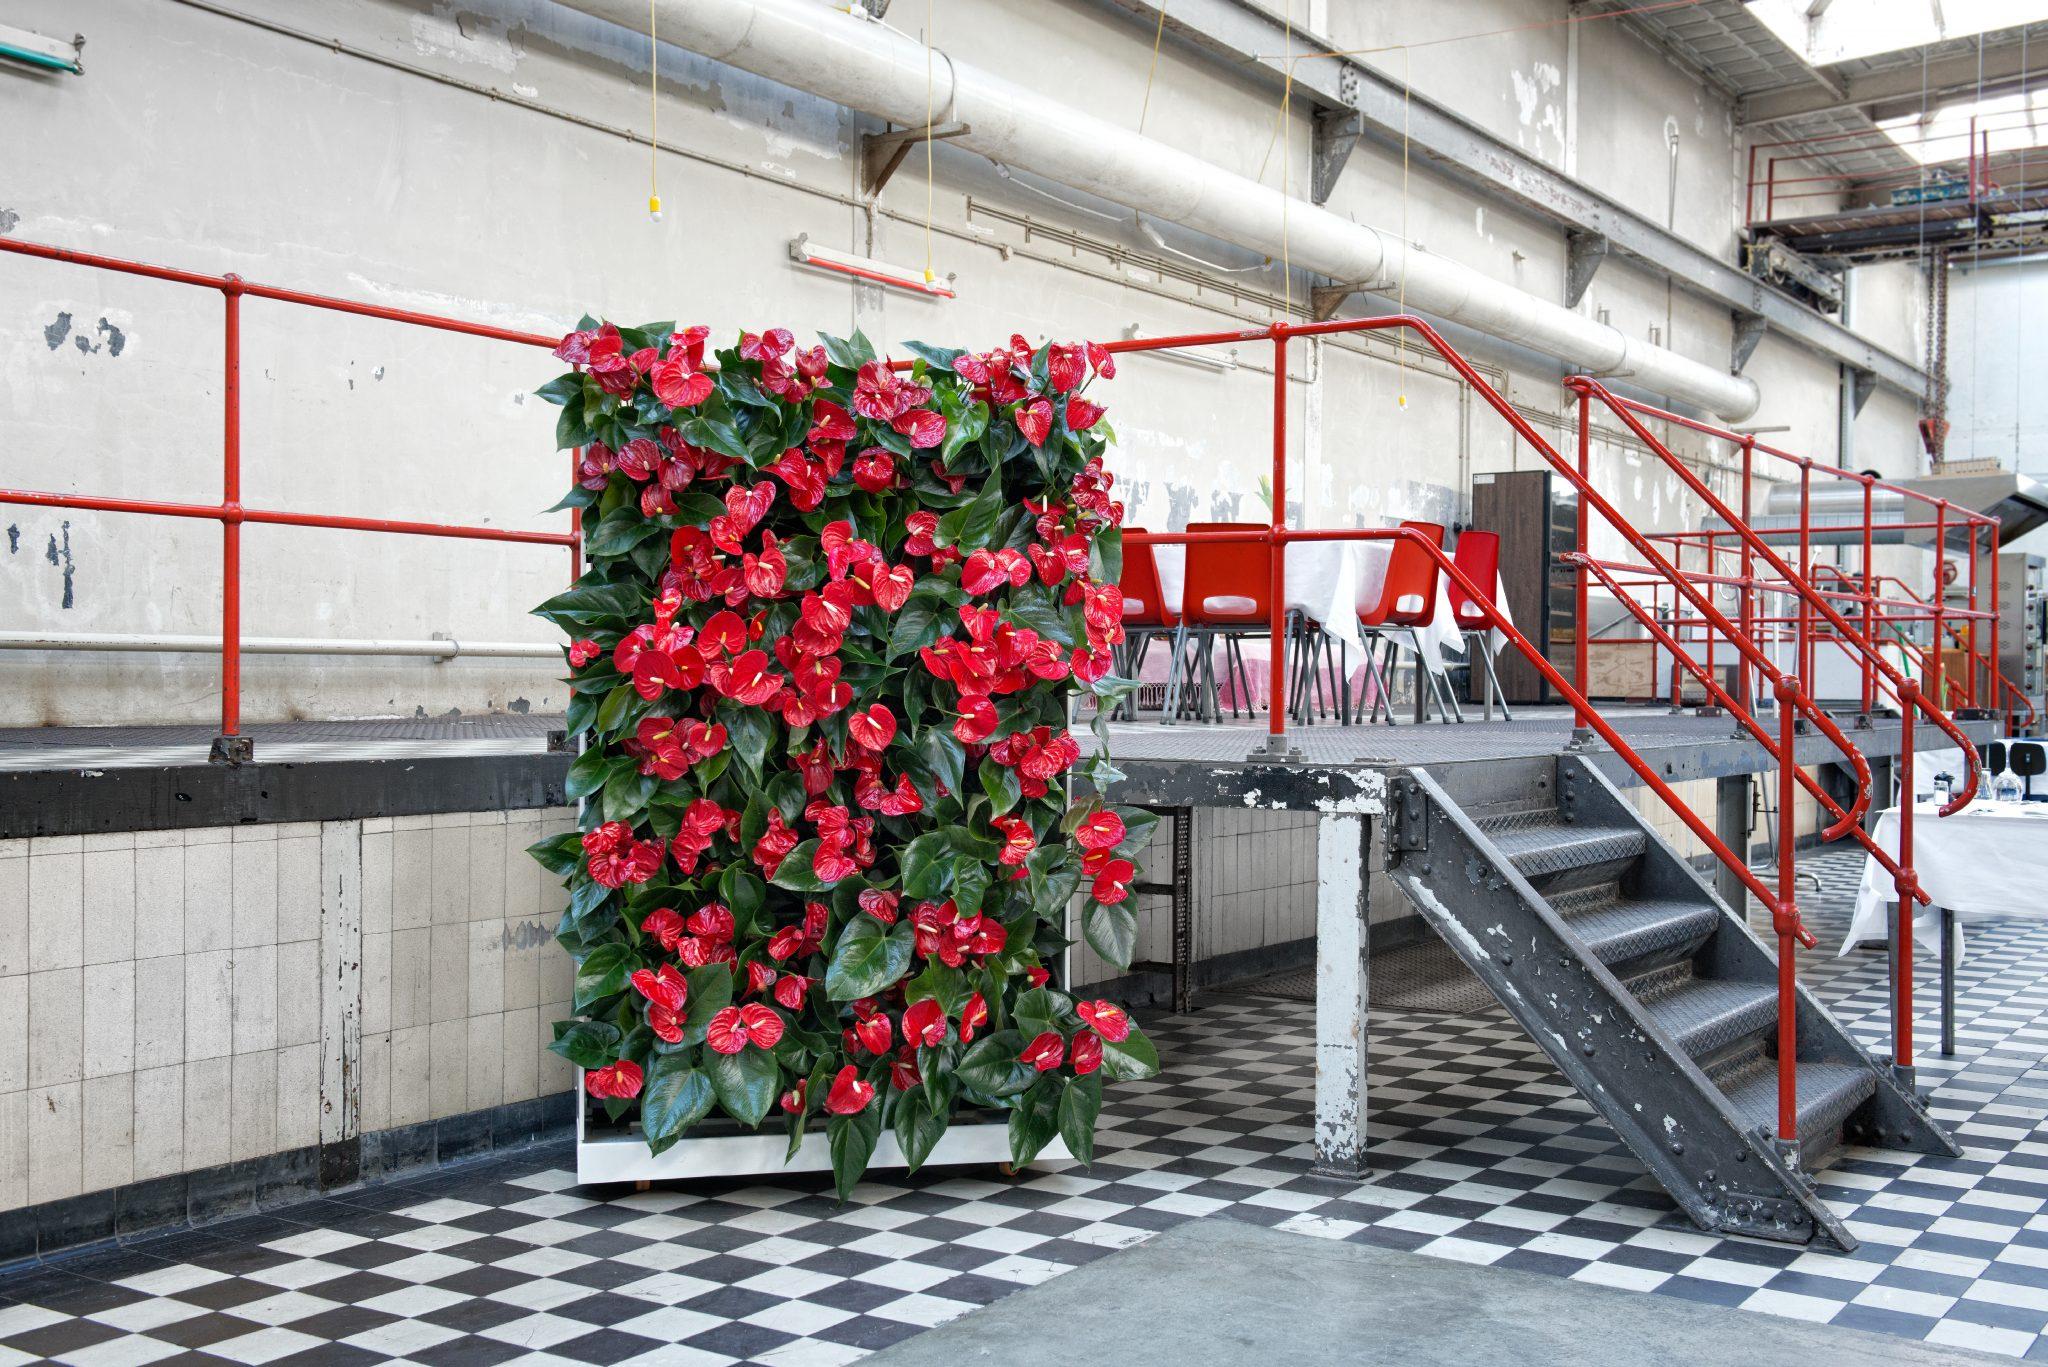 NextGen Living Walls Raumteiler - NextGen Living Walls